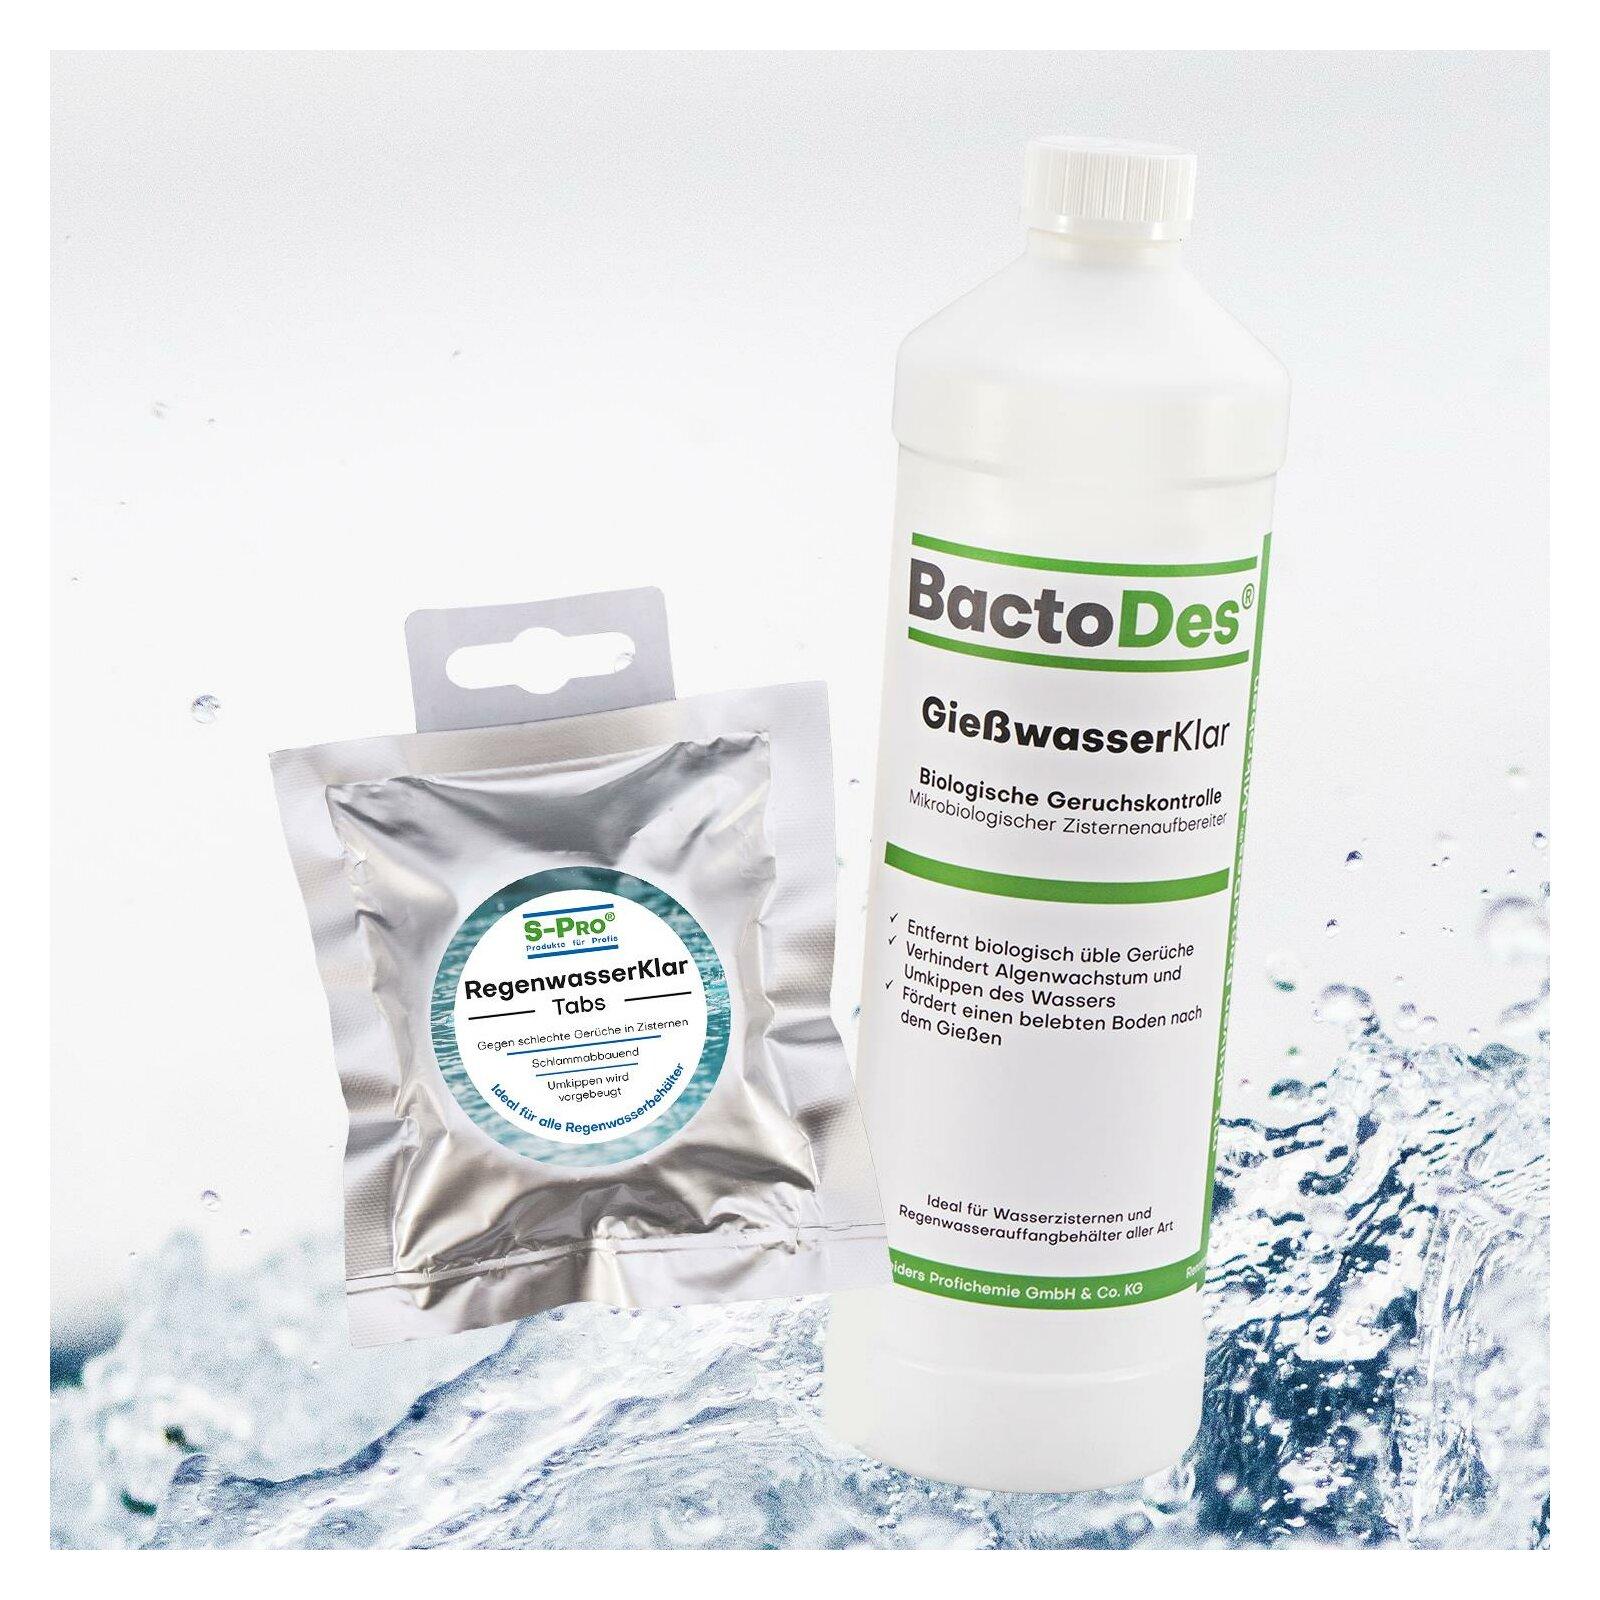 BactoDes(R) WasserKlar Bundle